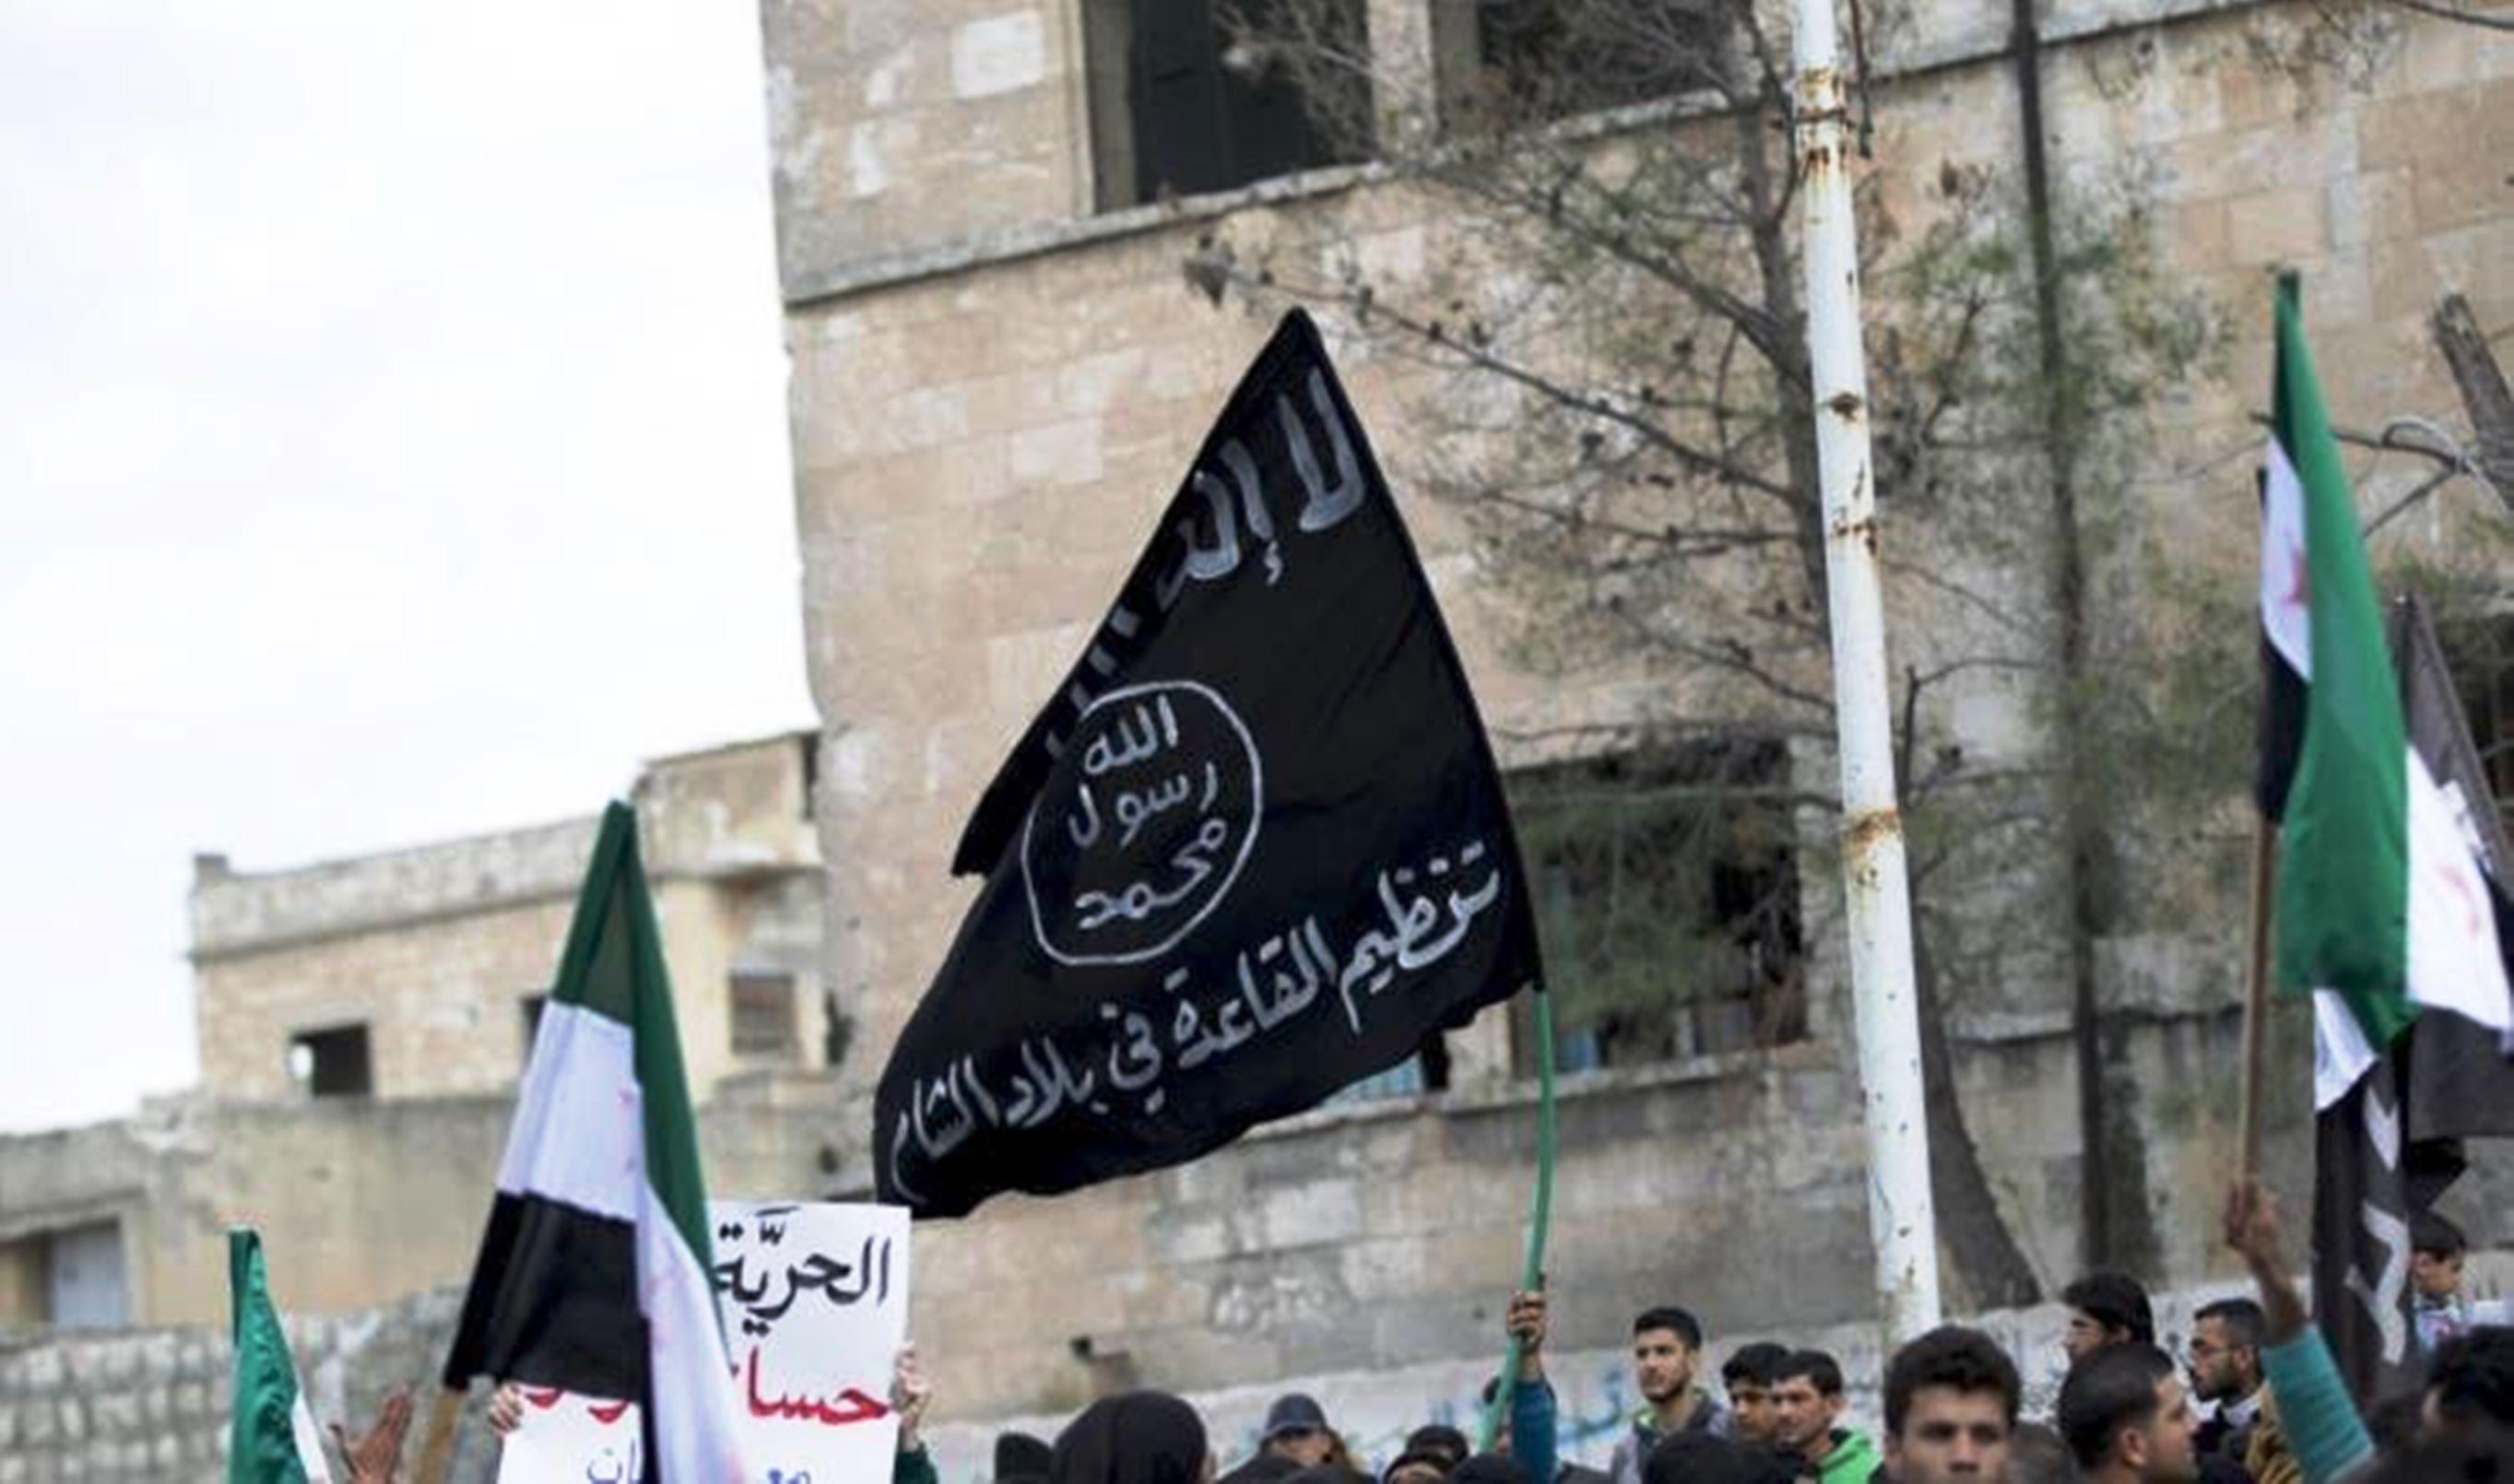 القاعده مجادلۀ کلامی علیه داعش را تشدید می کند